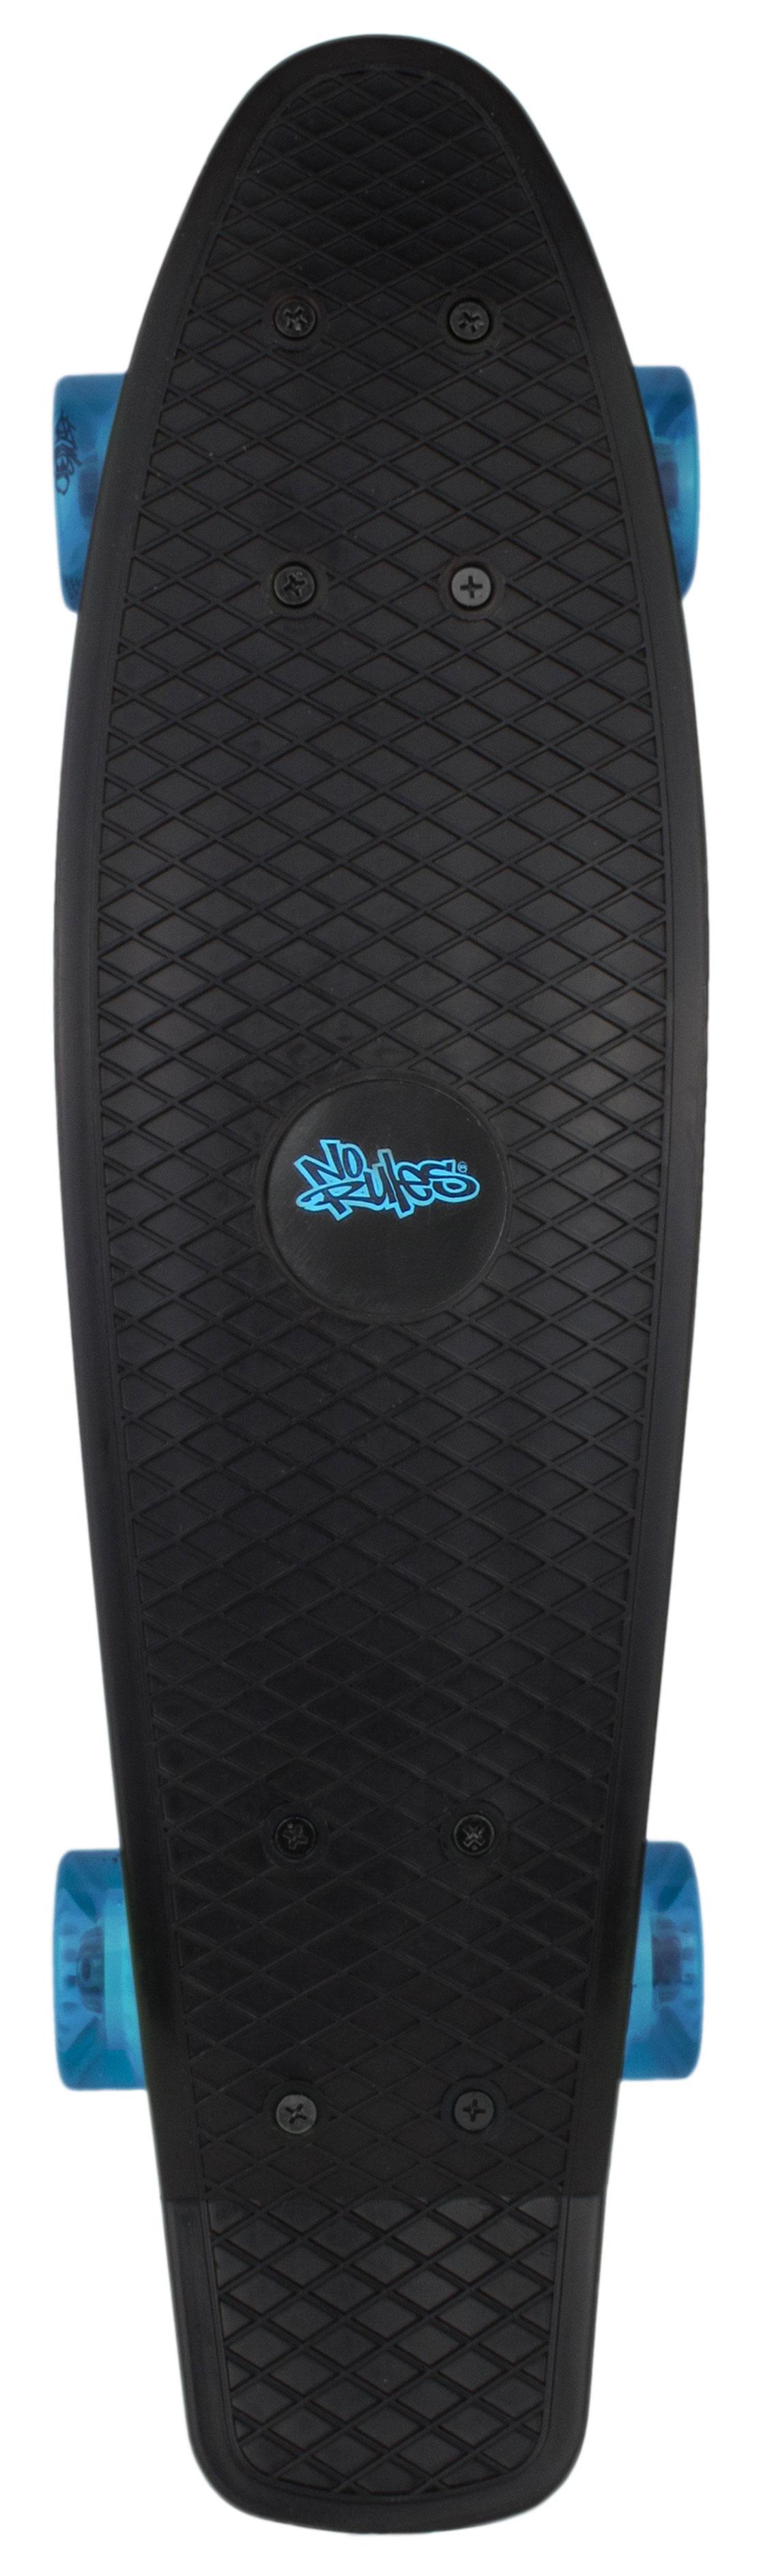 Skateboard fun No Rules schwarz-blau Bild 1